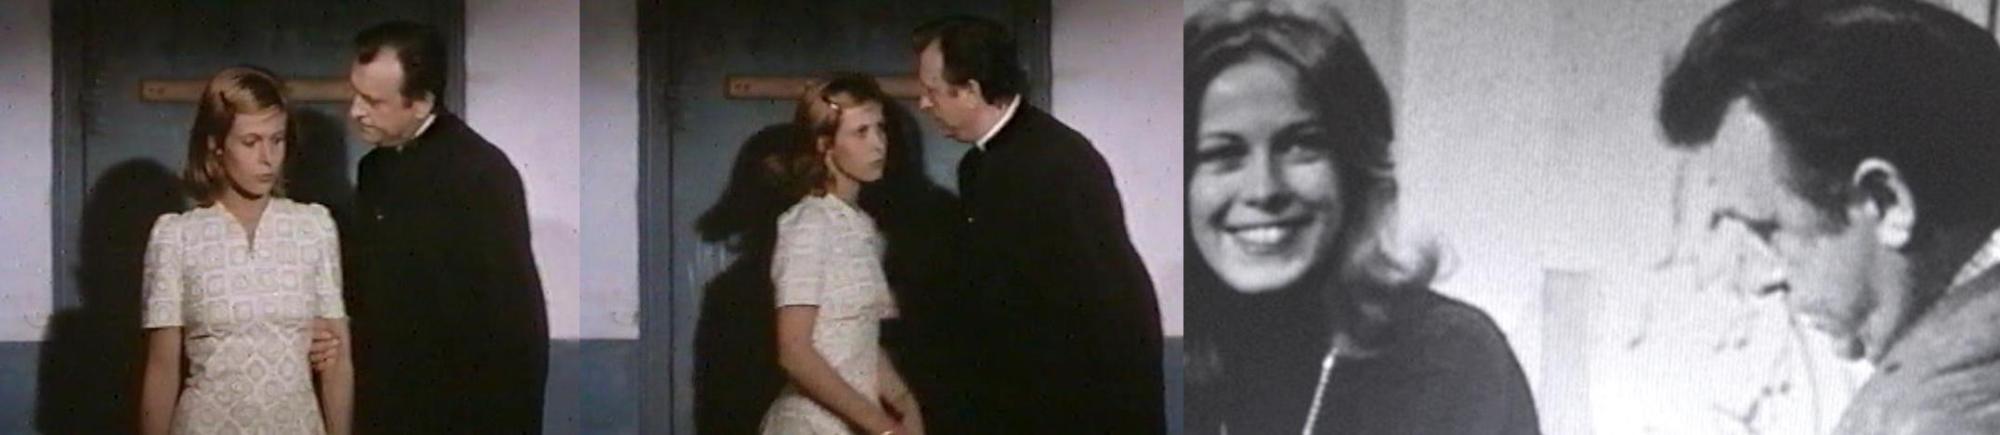 """Claude Jade und Claude Piéplu in """"Prêtres interdits"""" und im November 1973 bei """"Midi Trente"""""""